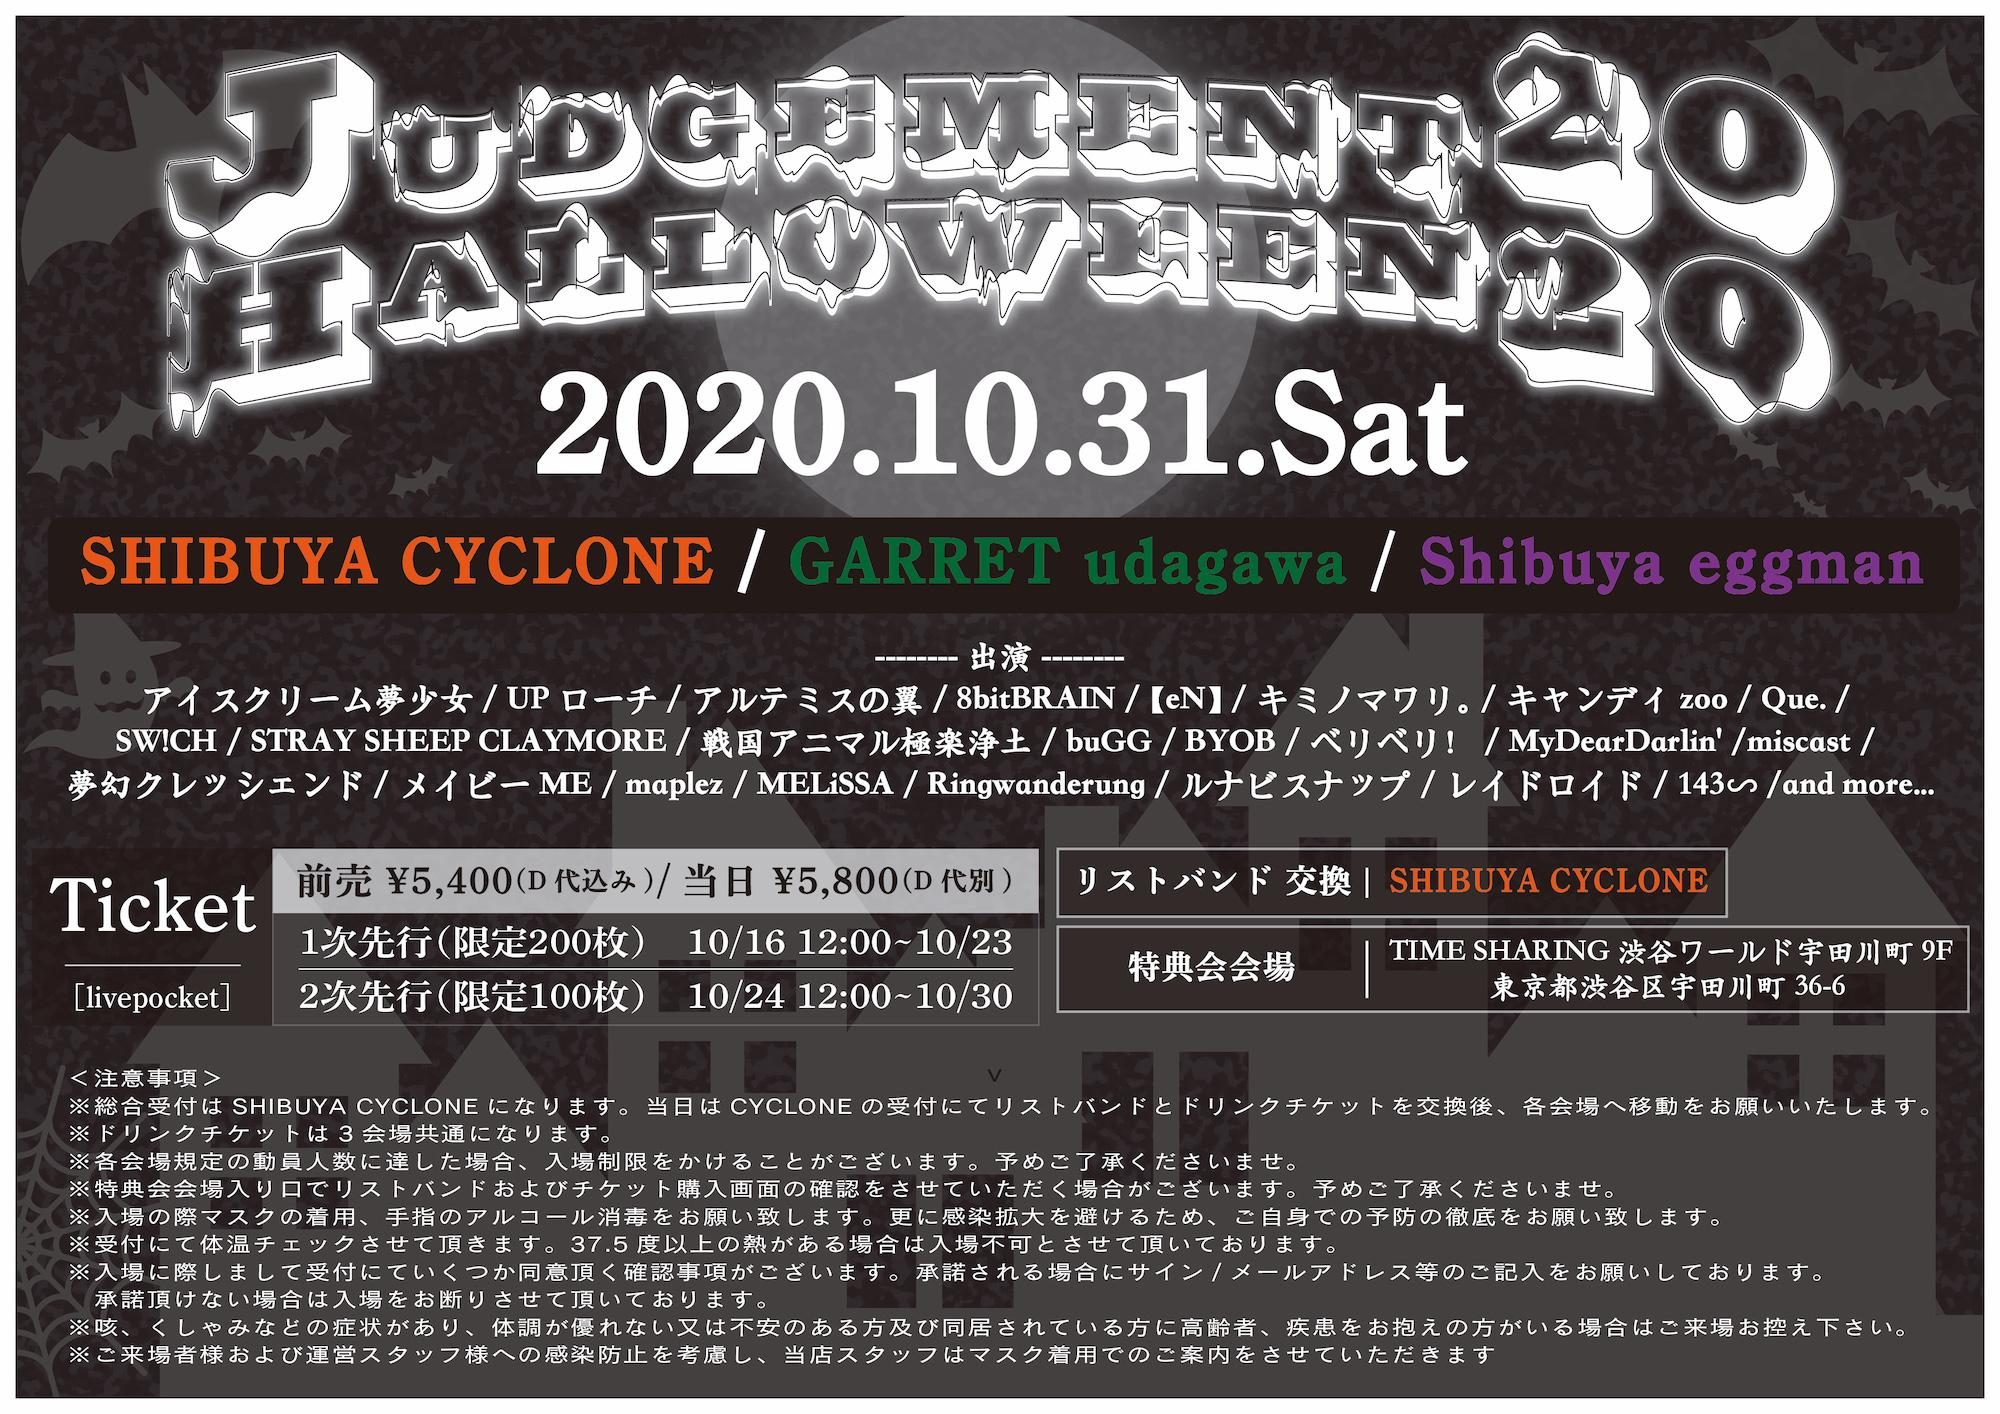 Judgement Halloween 2020